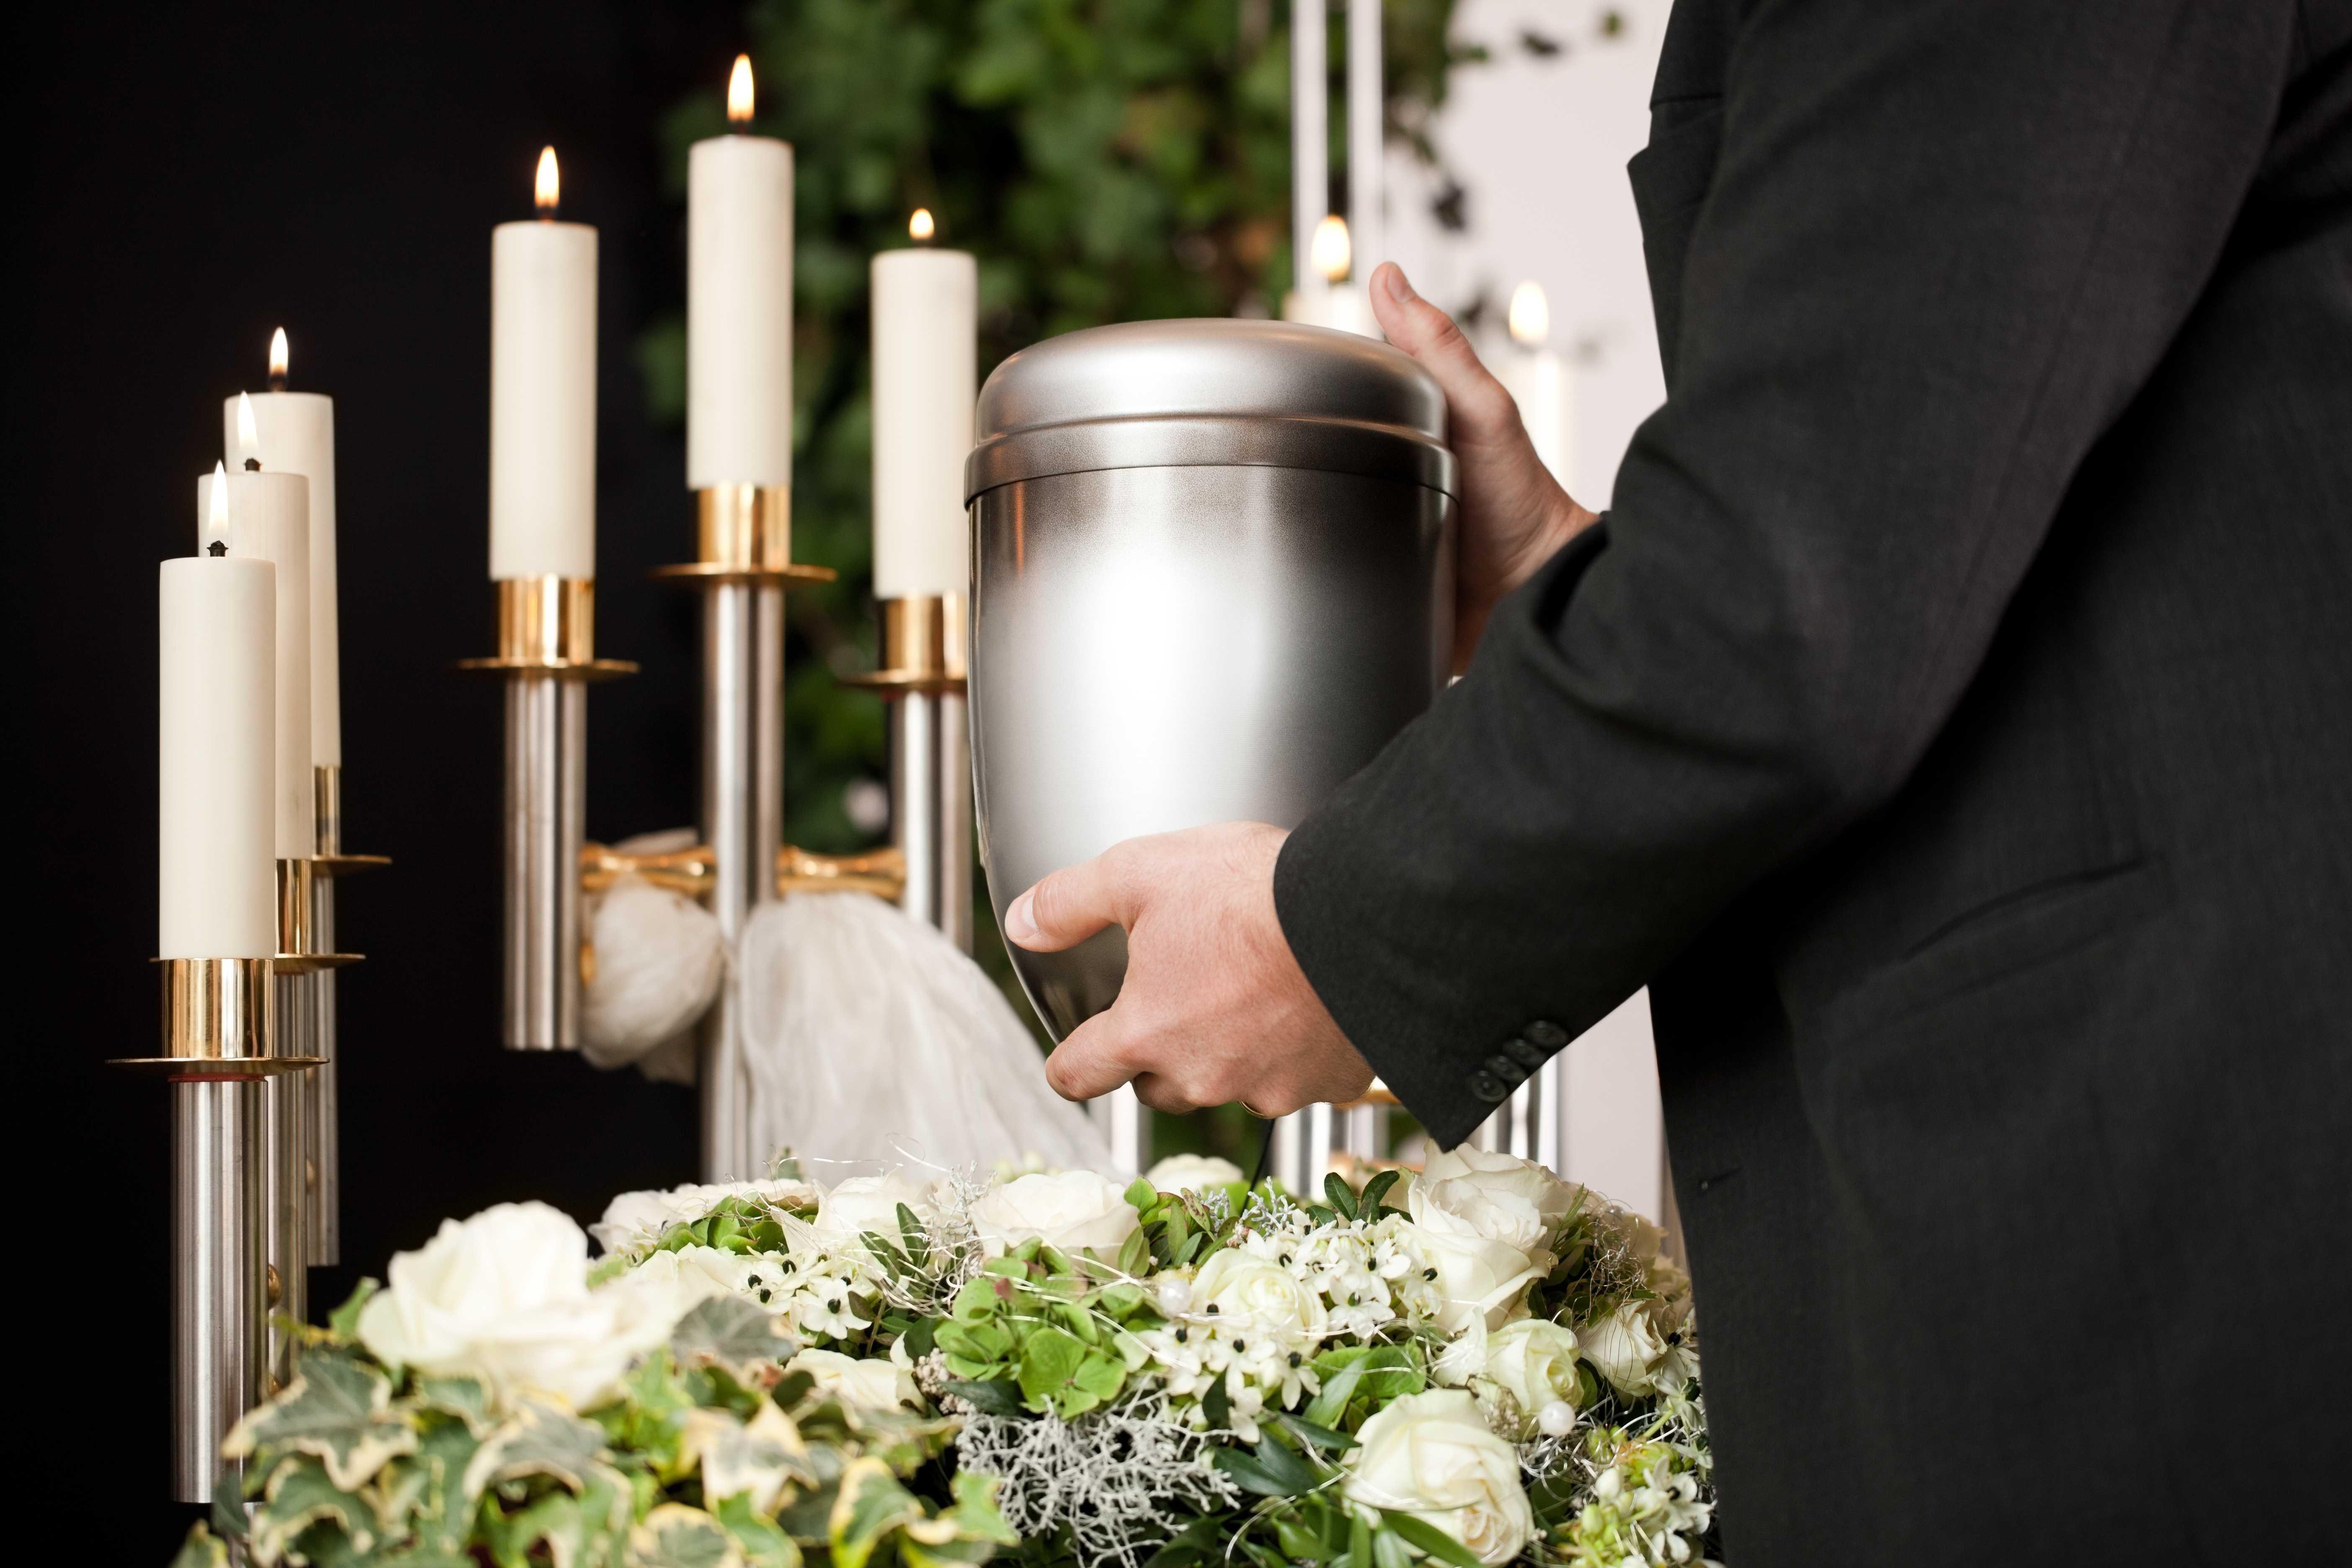 Кремация человека — как она происходит в минском крематории?